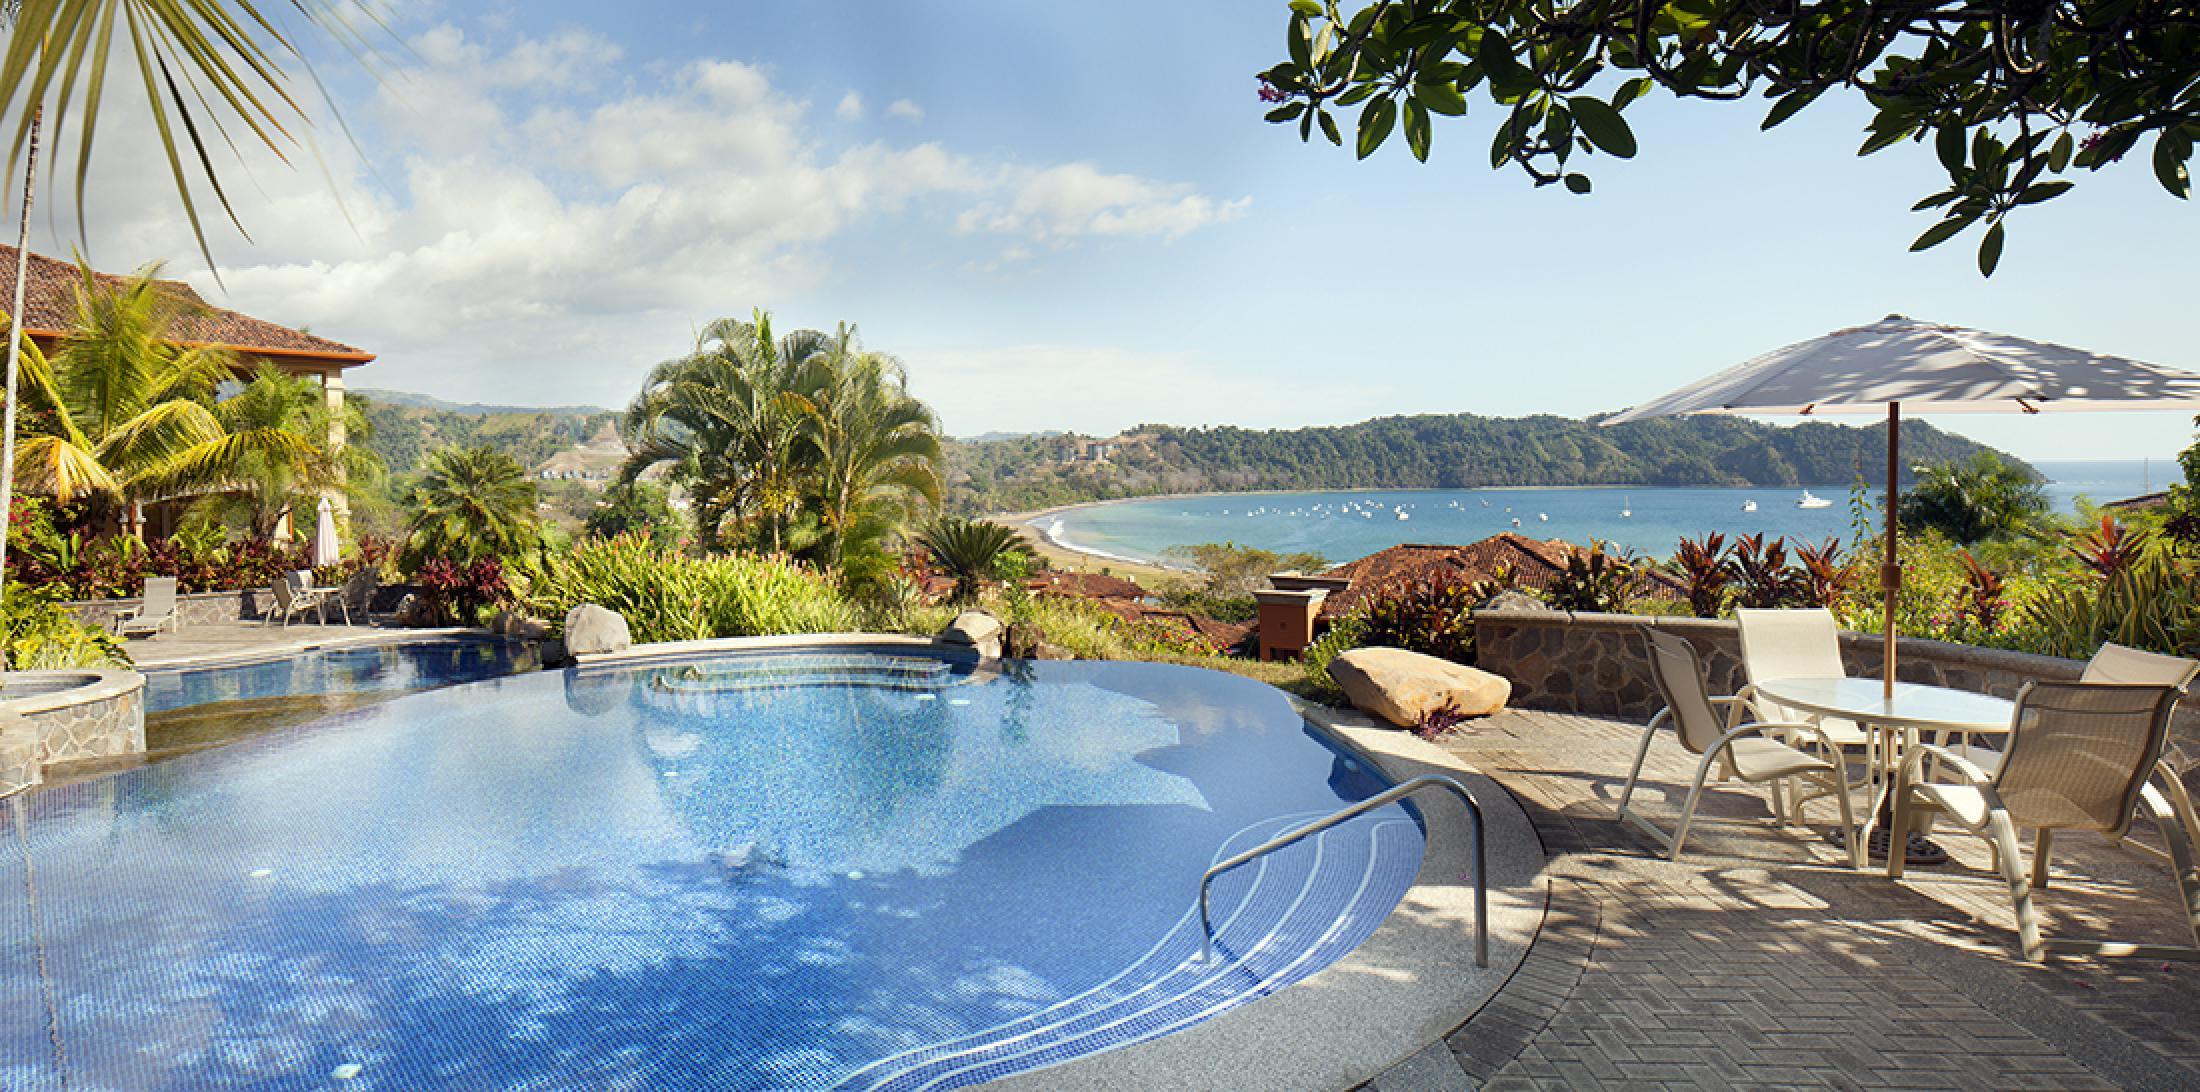 Marbella Premium Condominiums